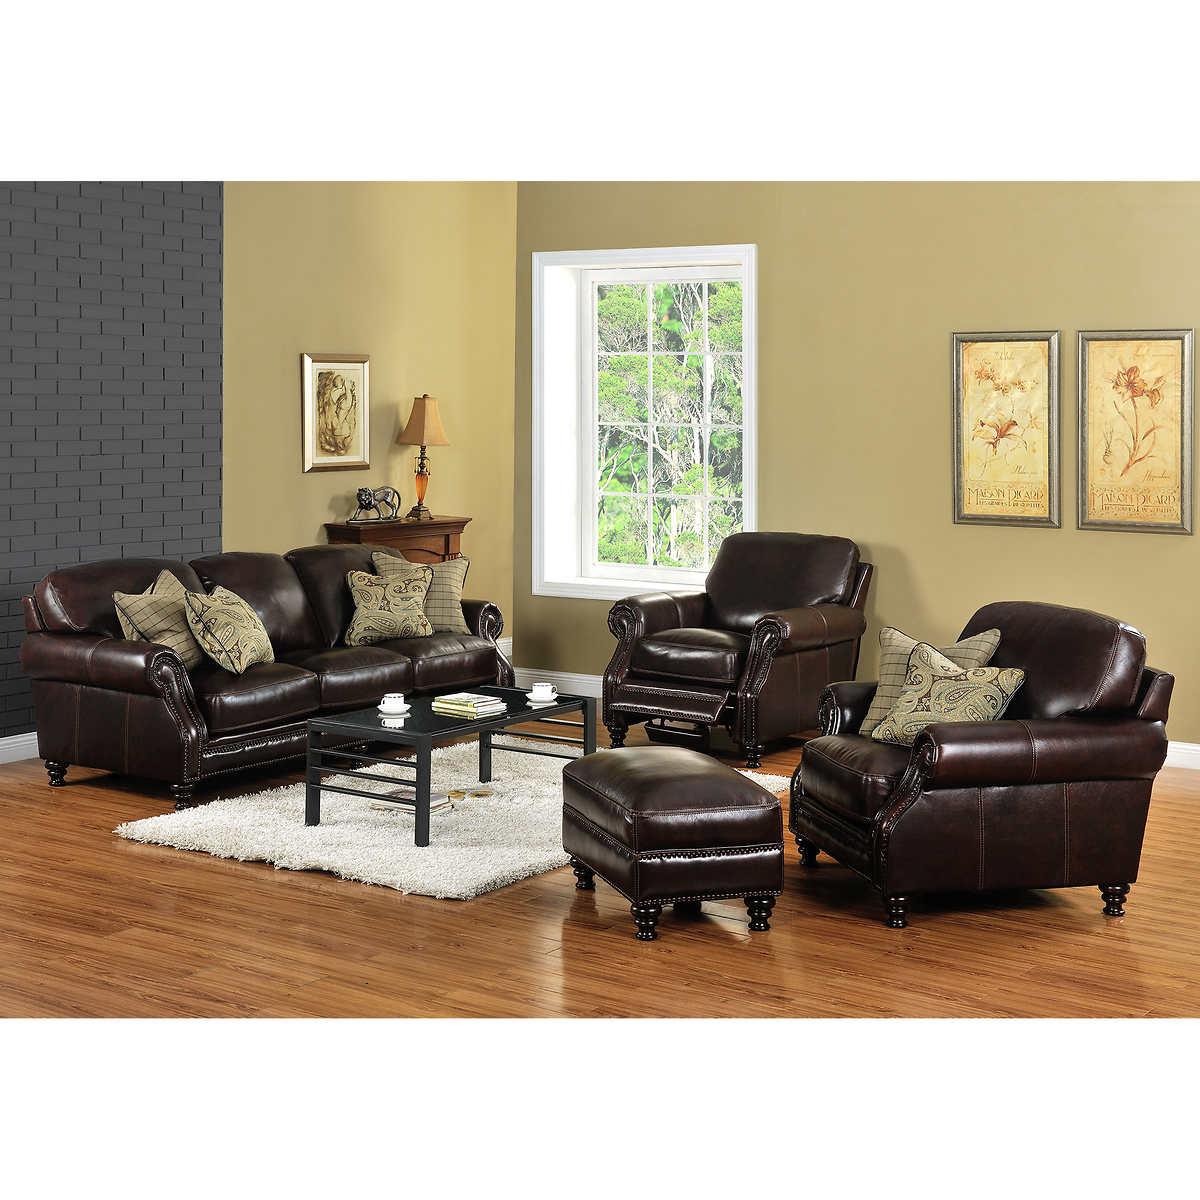 Wayport 4-piece Top Grain Leather Living Room Set- With Recliner - Recliners Costco